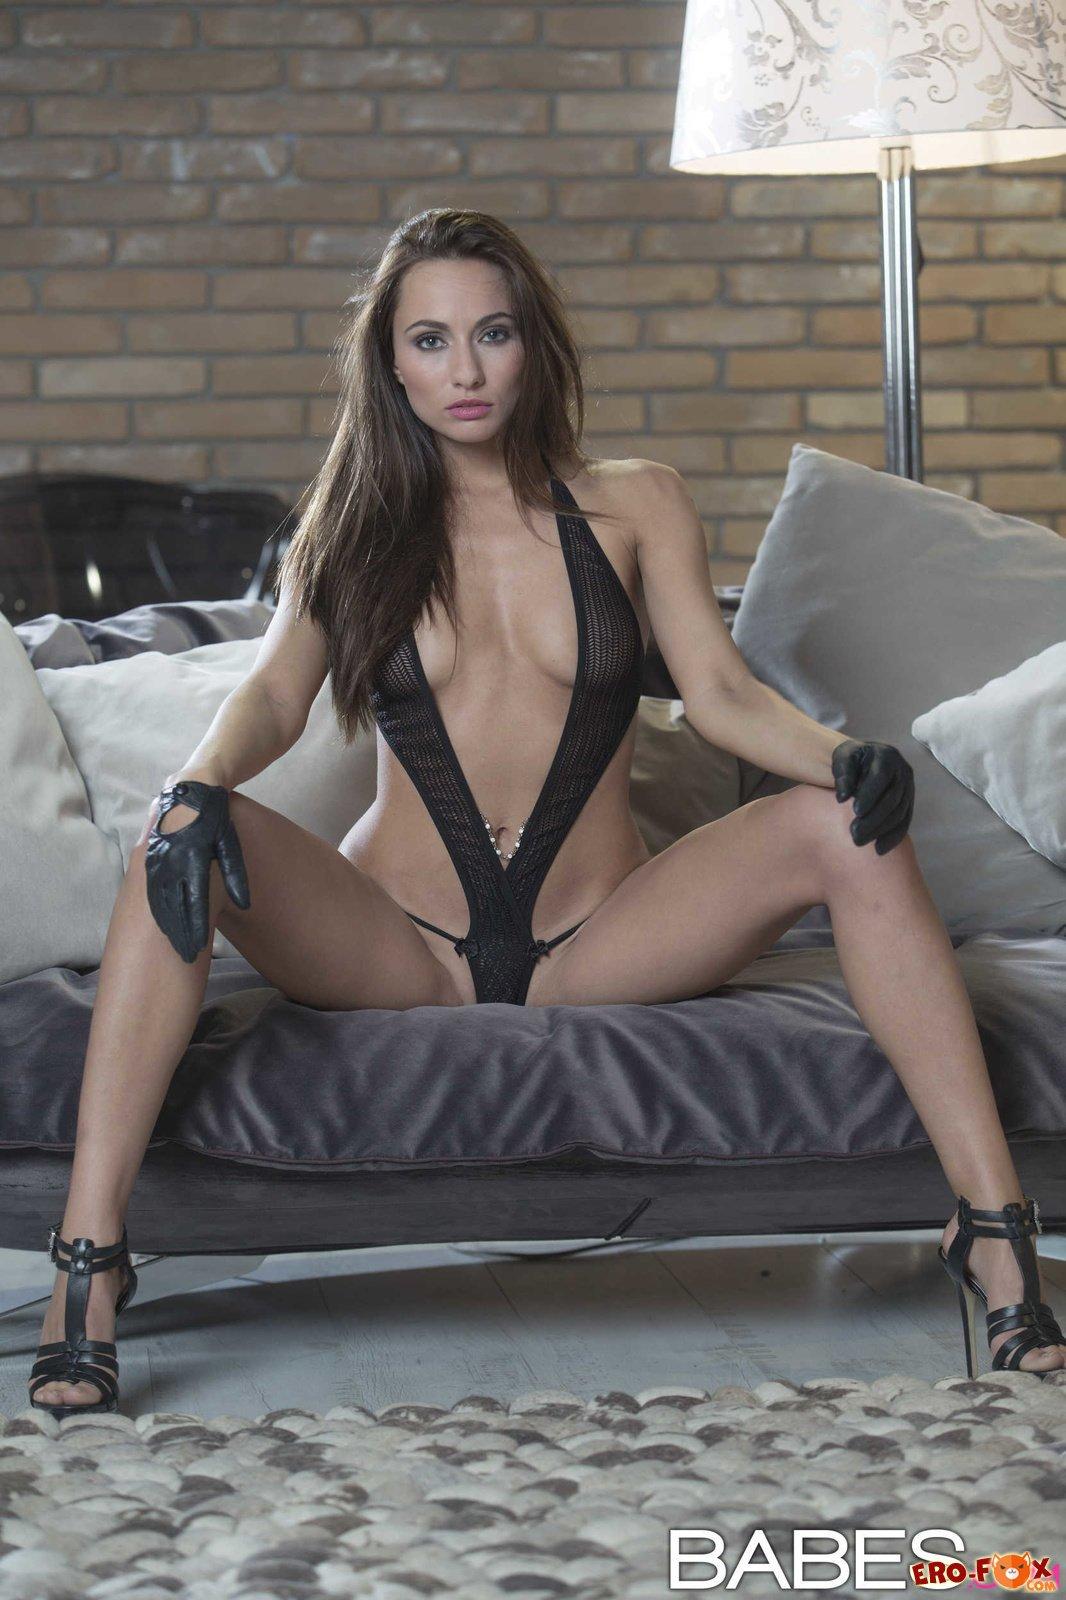 Очень красивая и сексуальная девушка с голой писей